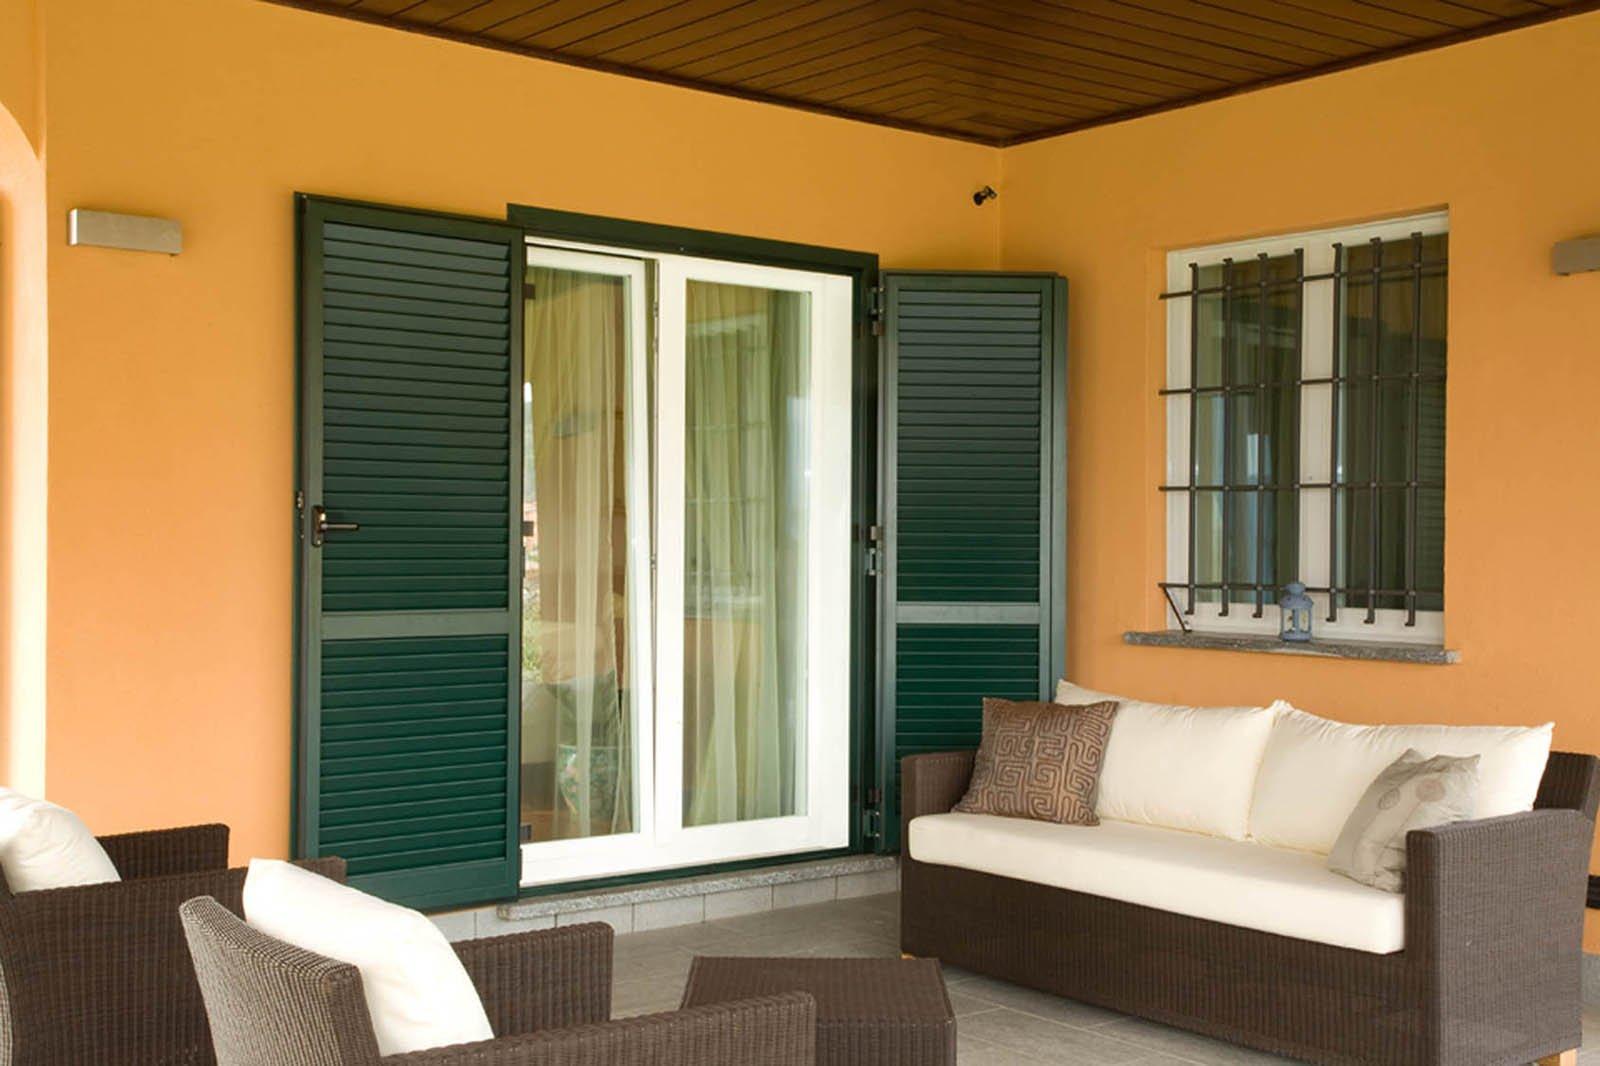 Serramenti persiane in sicurezza cose di casa - Serramenti per finestre ...